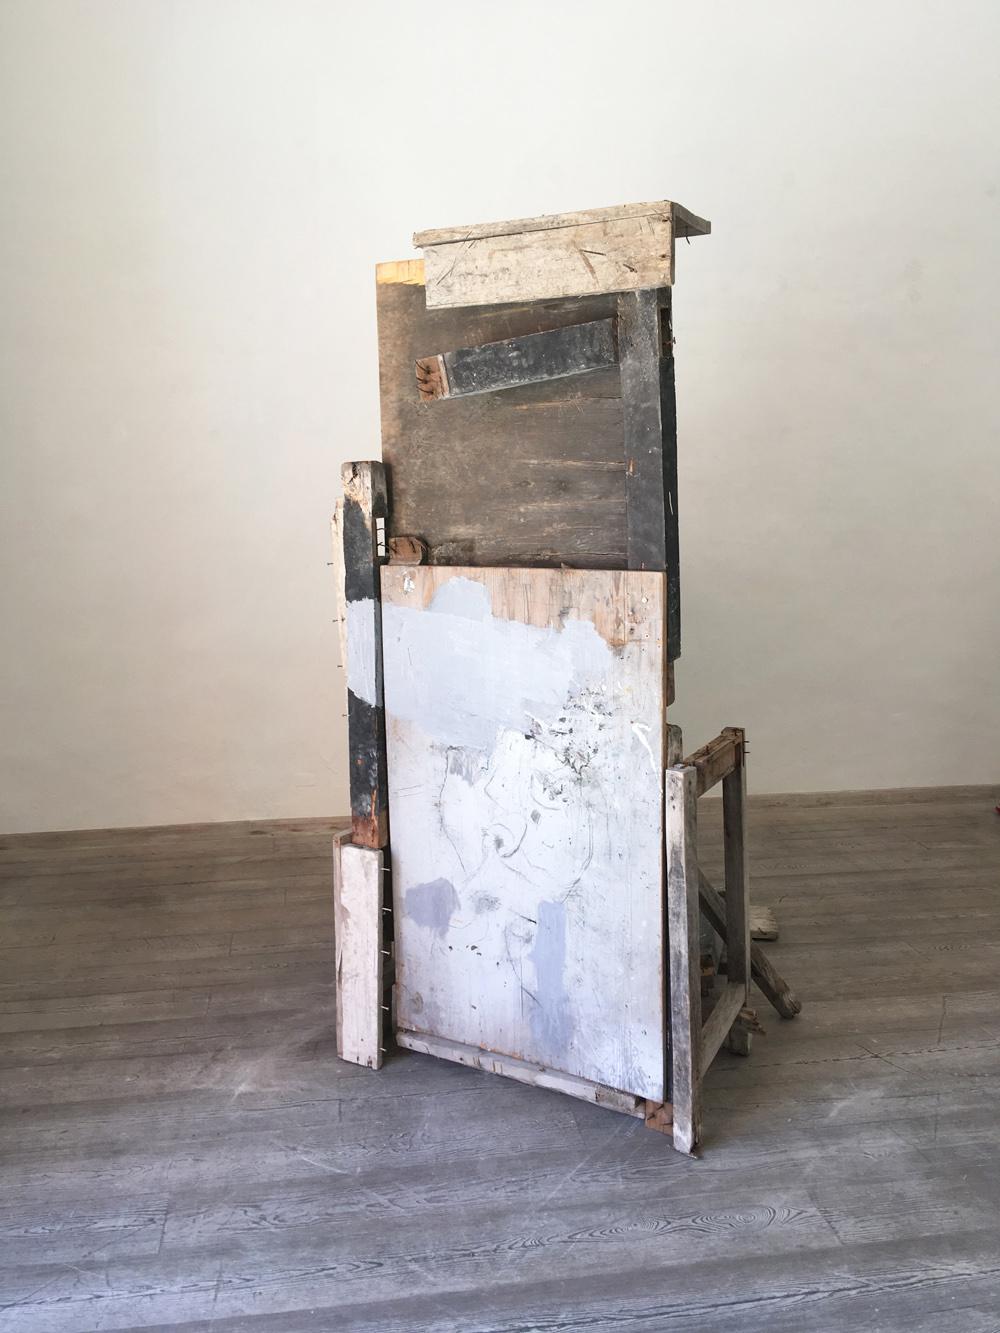 Daniele Gagliardi, Assoluto e segno, 2018, installazione dimensioni ambiente